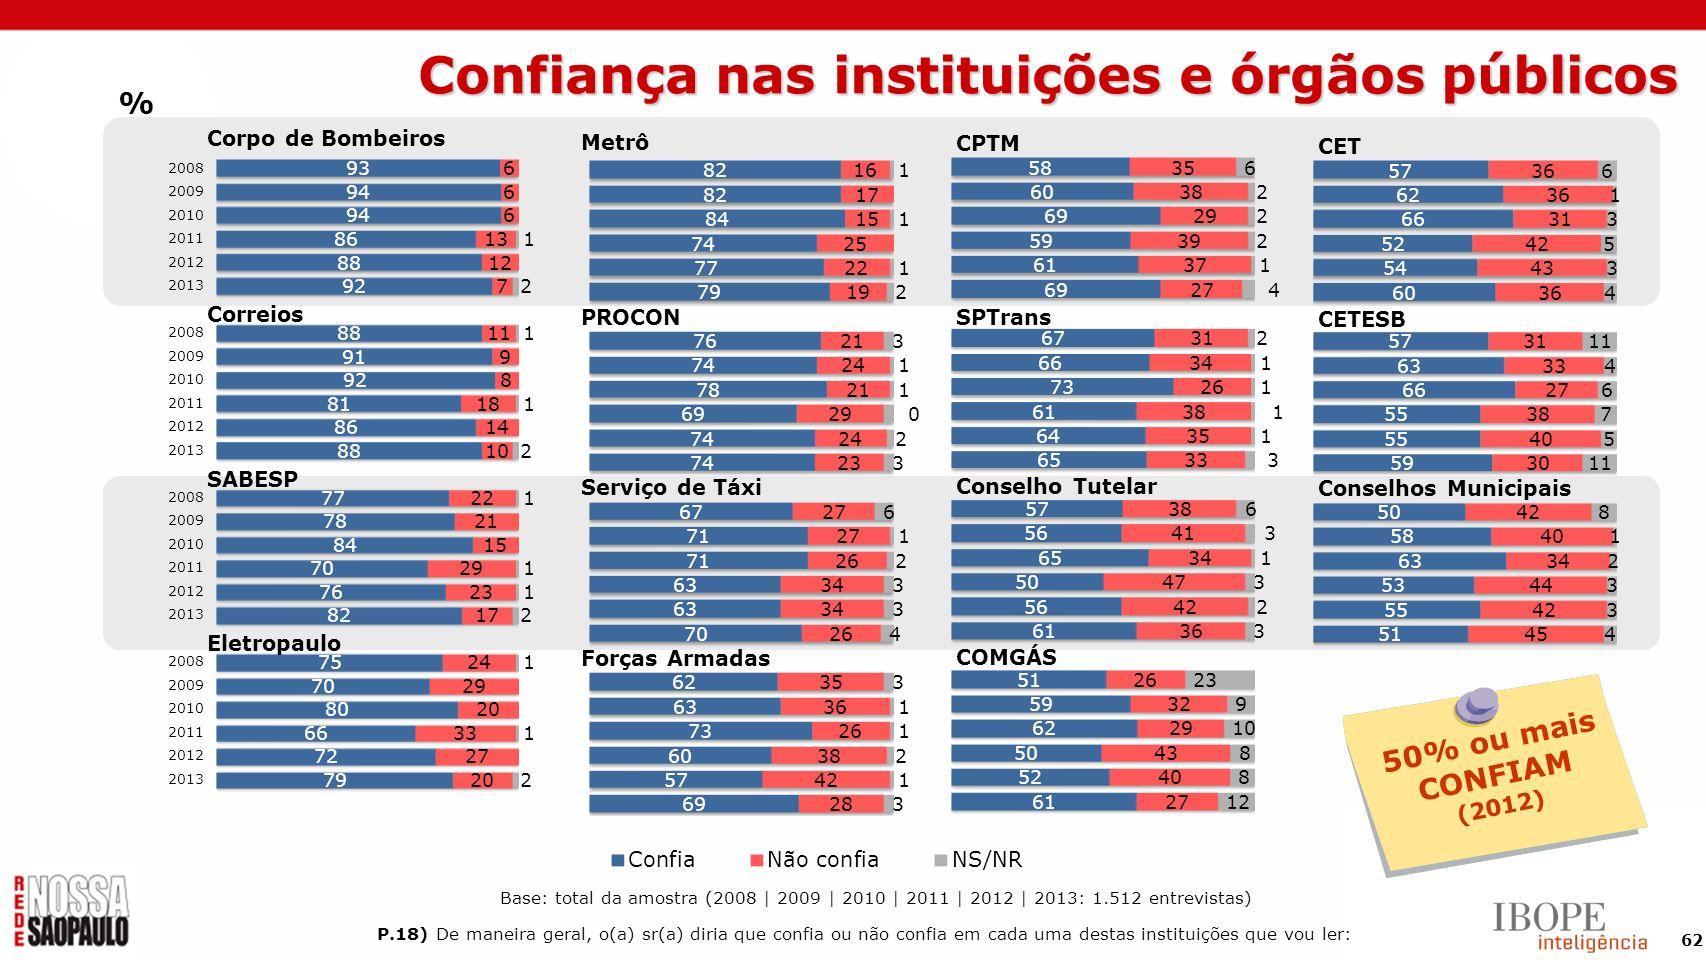 Confiança nas instituições e órgãos públicos